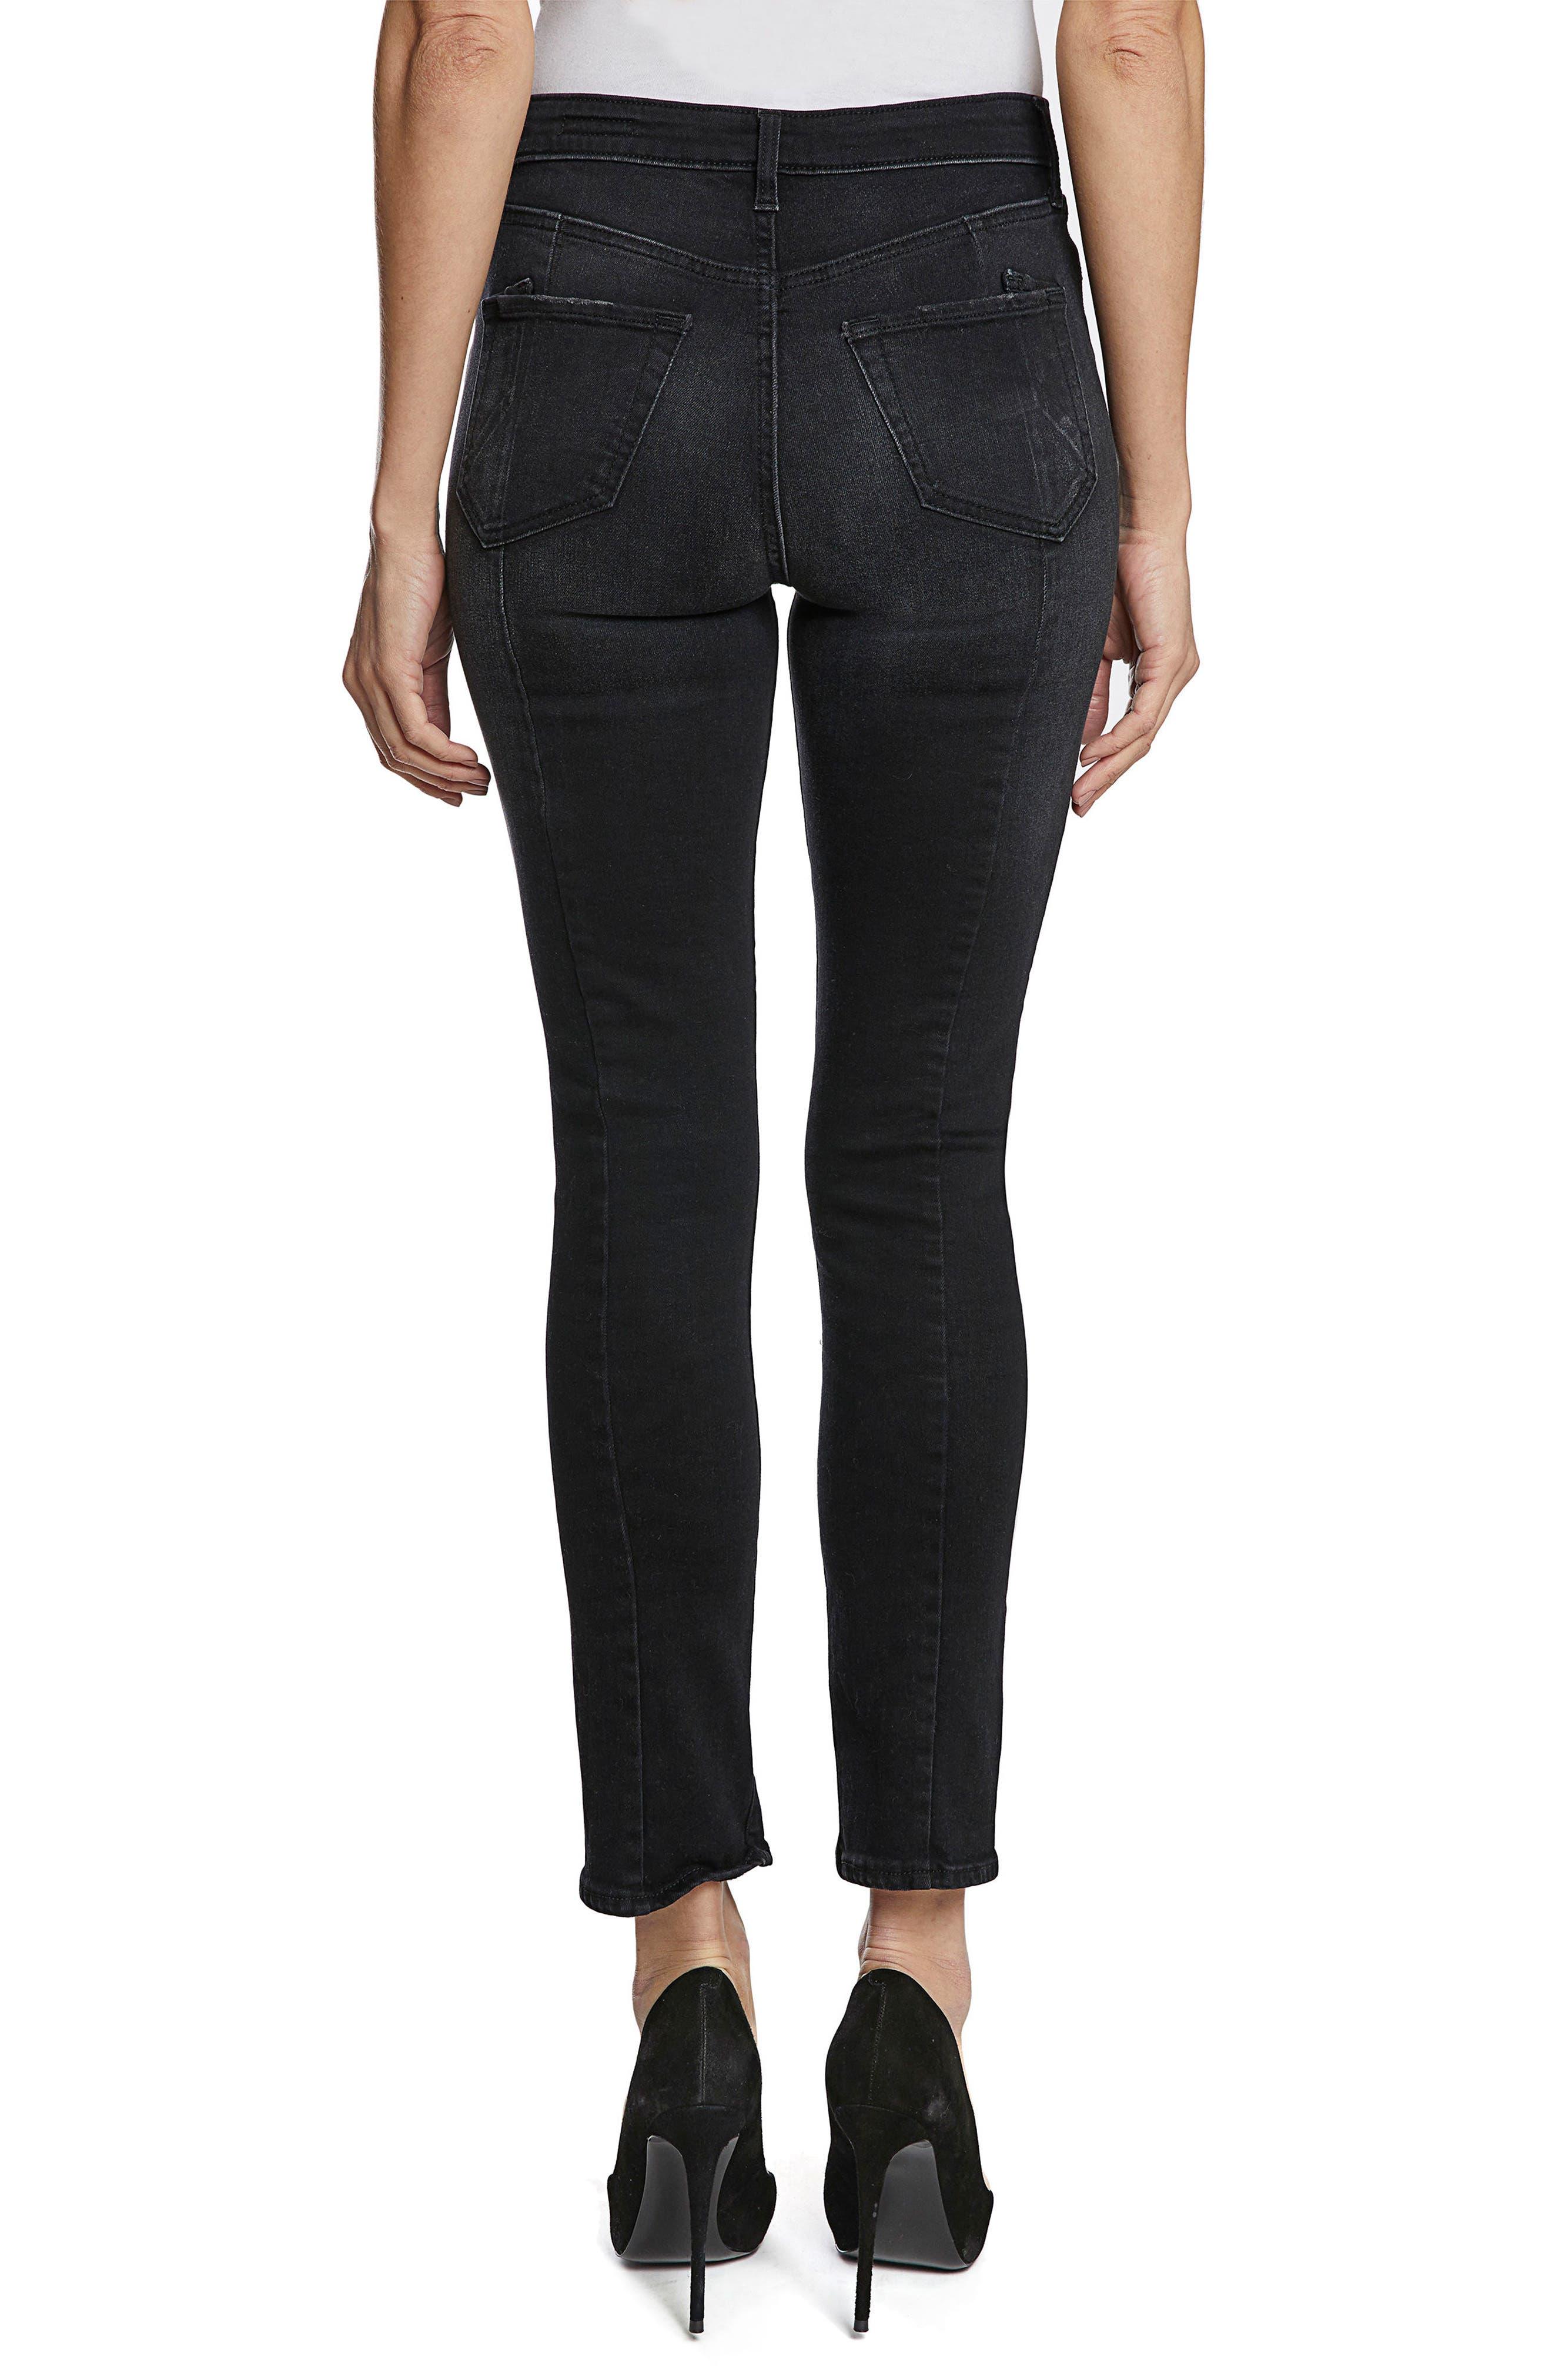 Chevelle Split Ankle Skinny Jeans,                             Alternate thumbnail 2, color,                             Black